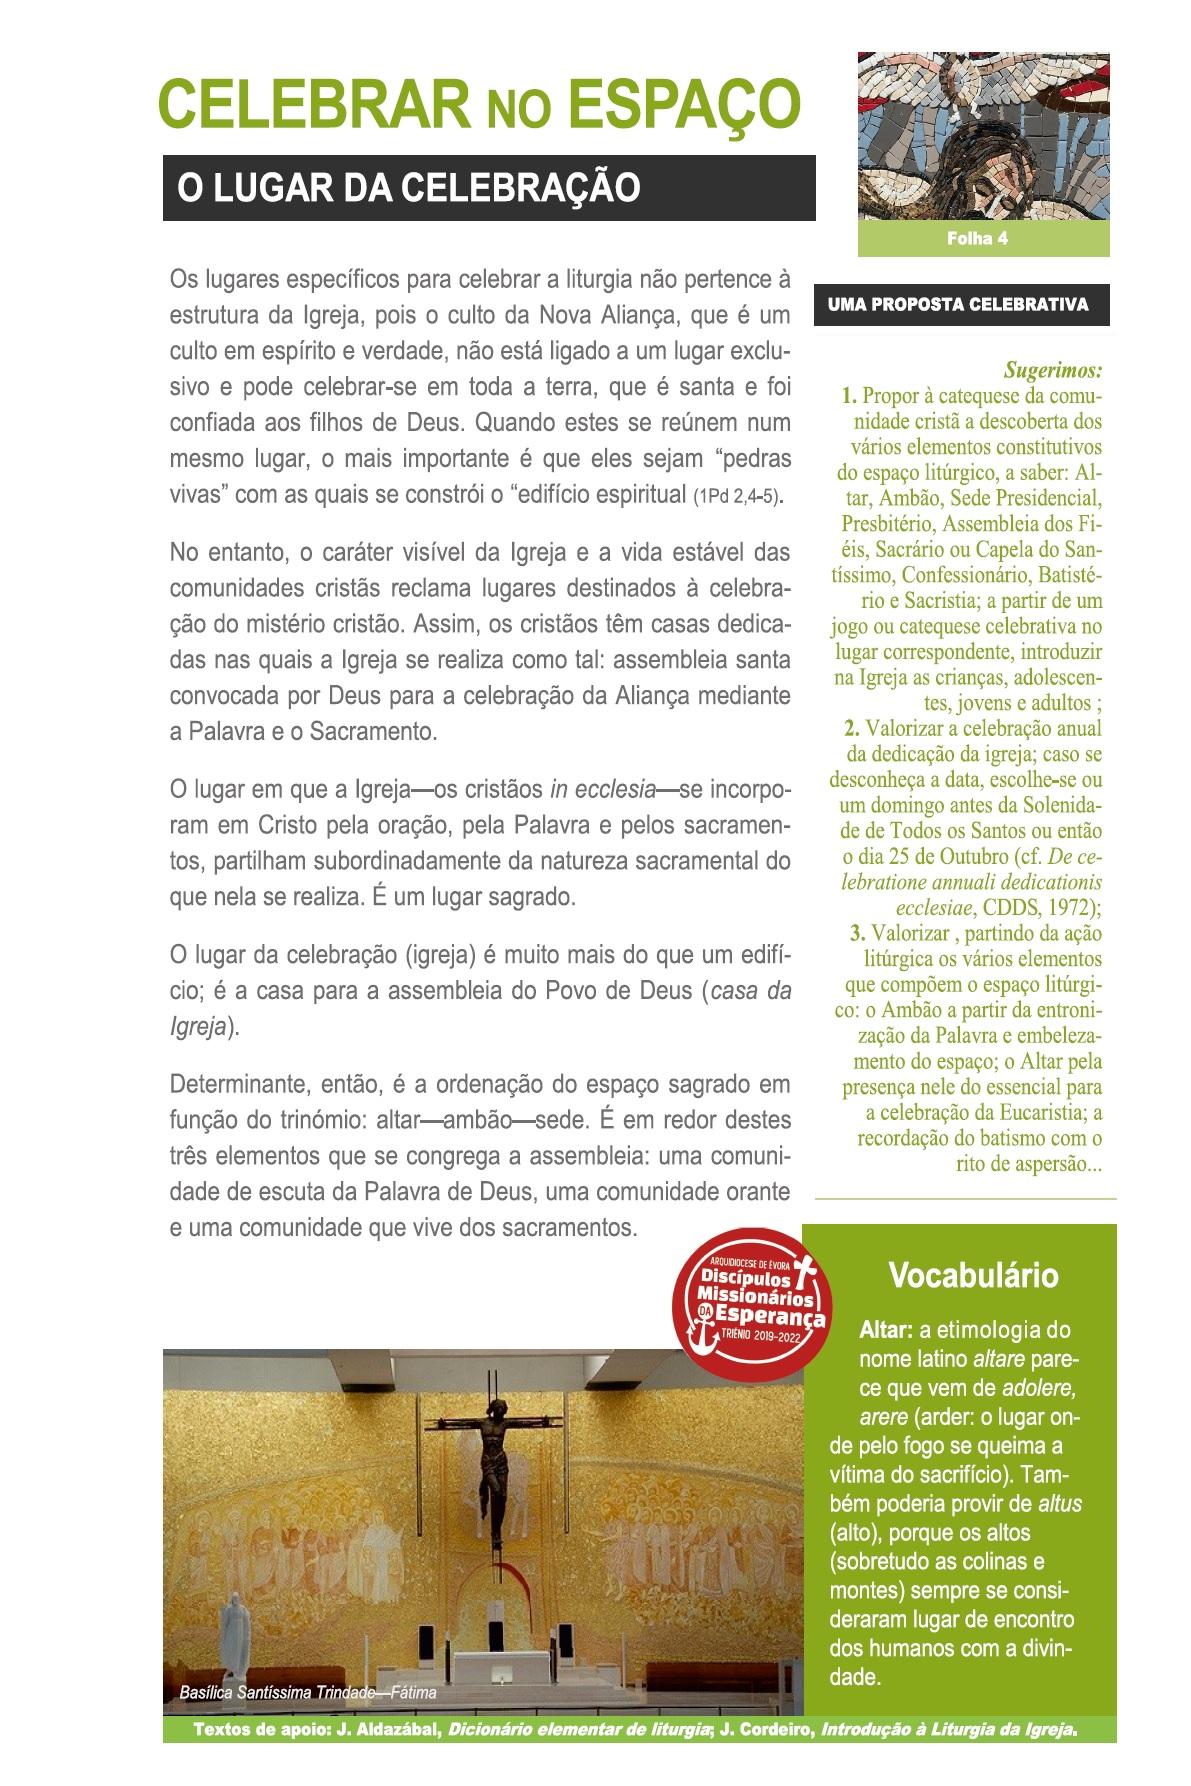 09_02_2020_FOLHA 4 - Eucaristia 9 FEV202 - V Tempo Comum_1